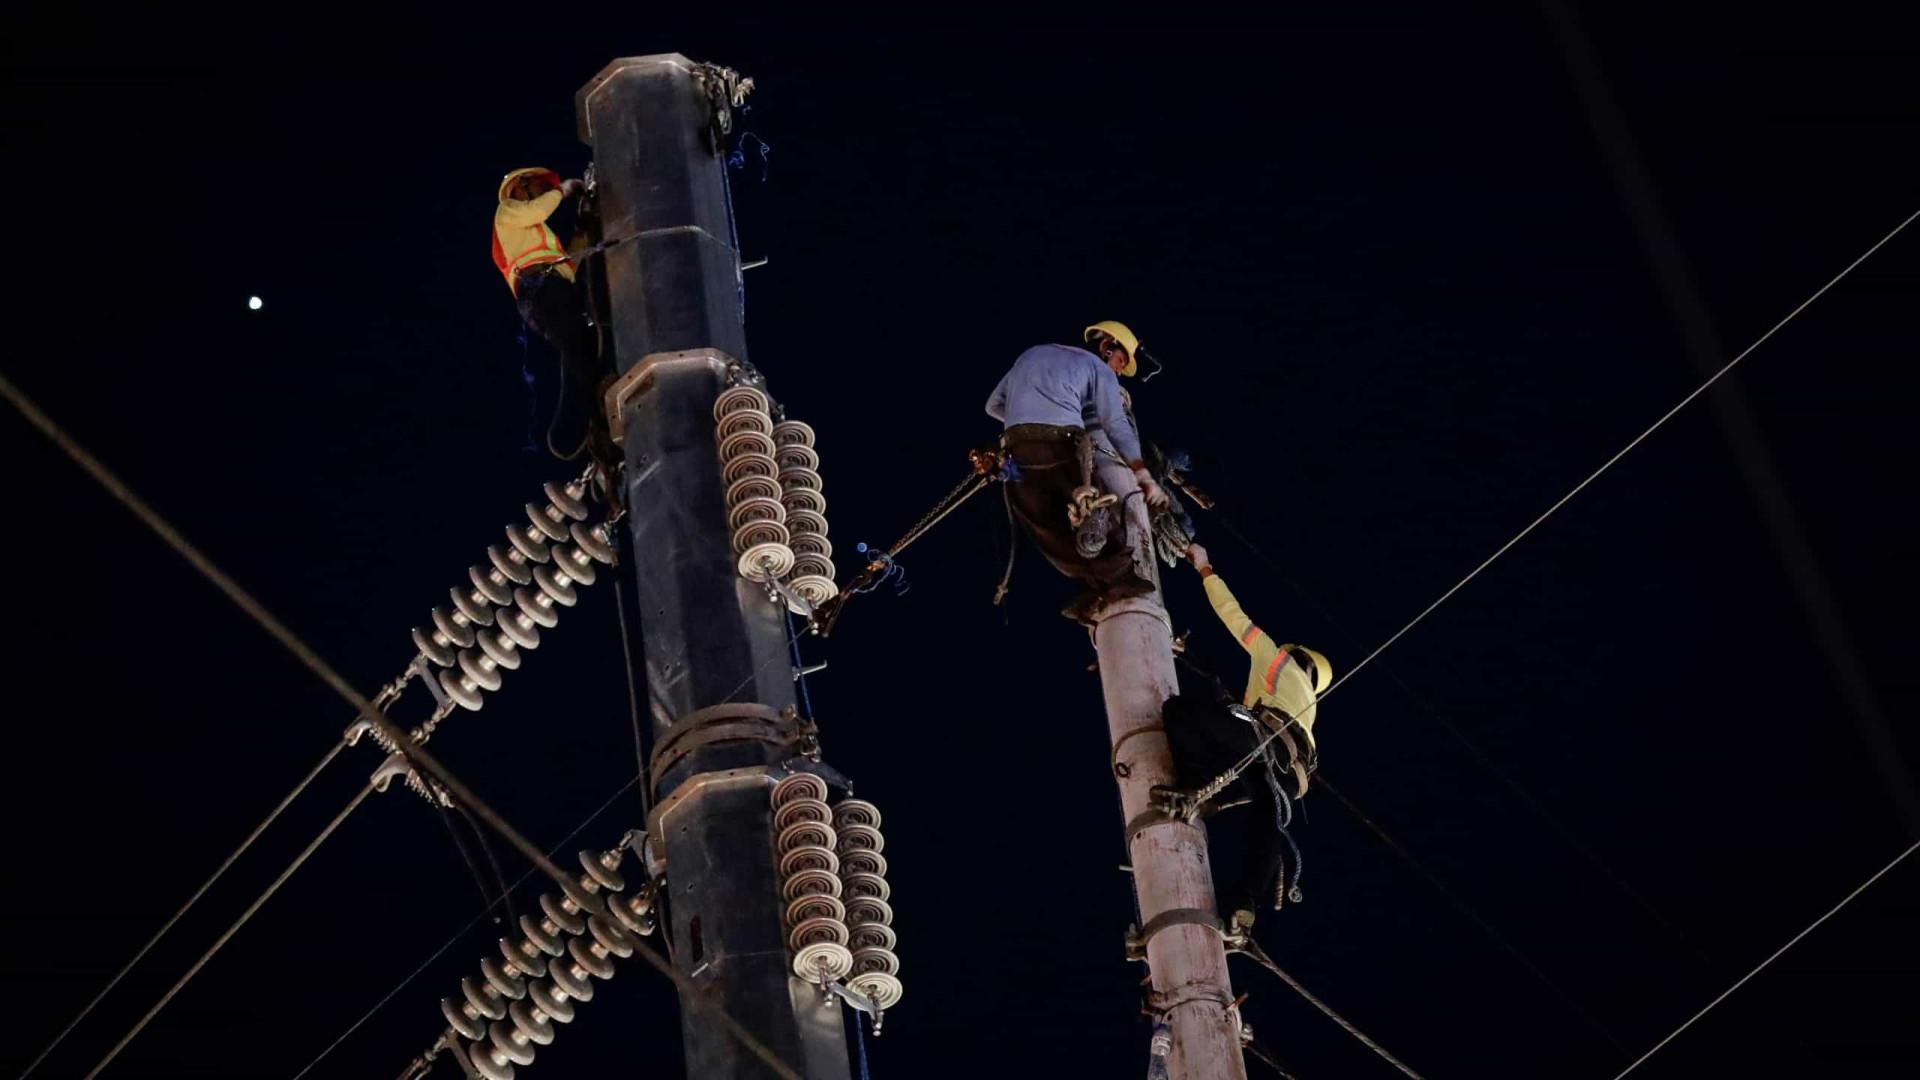 Várias localidades de Cascais e Oeiras estiveram horas às escuras